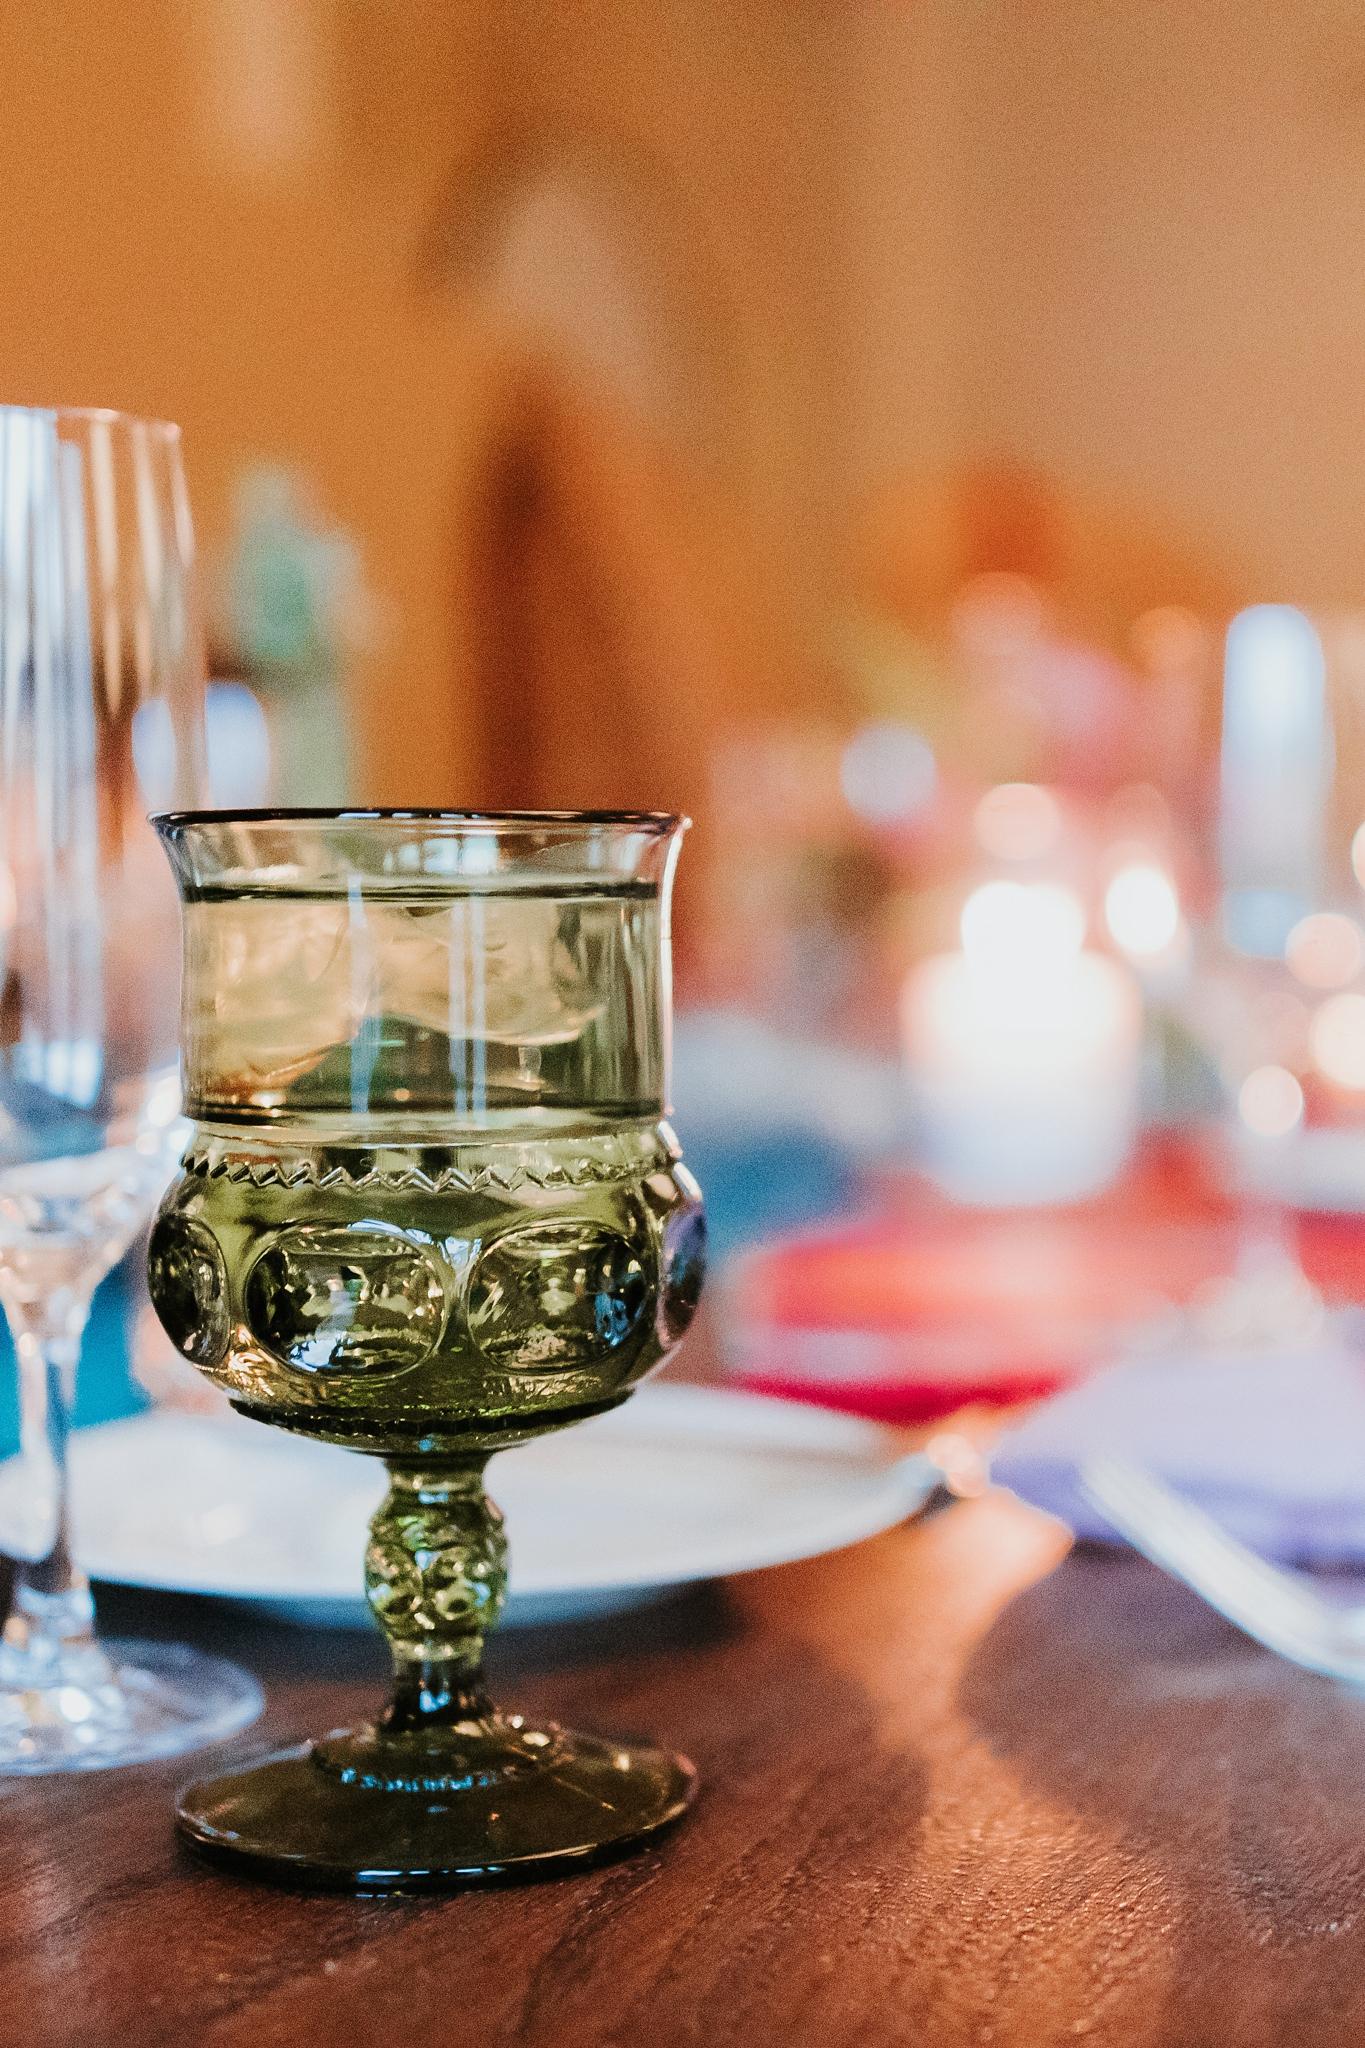 Alicia+lucia+photography+-+albuquerque+wedding+photographer+-+santa+fe+wedding+photography+-+new+mexico+wedding+photographer+-+new+mexico+wedding+-+wedding+-+winter+wedding+-+wedding+reception+-+winter+wedding+reception_0071.jpg